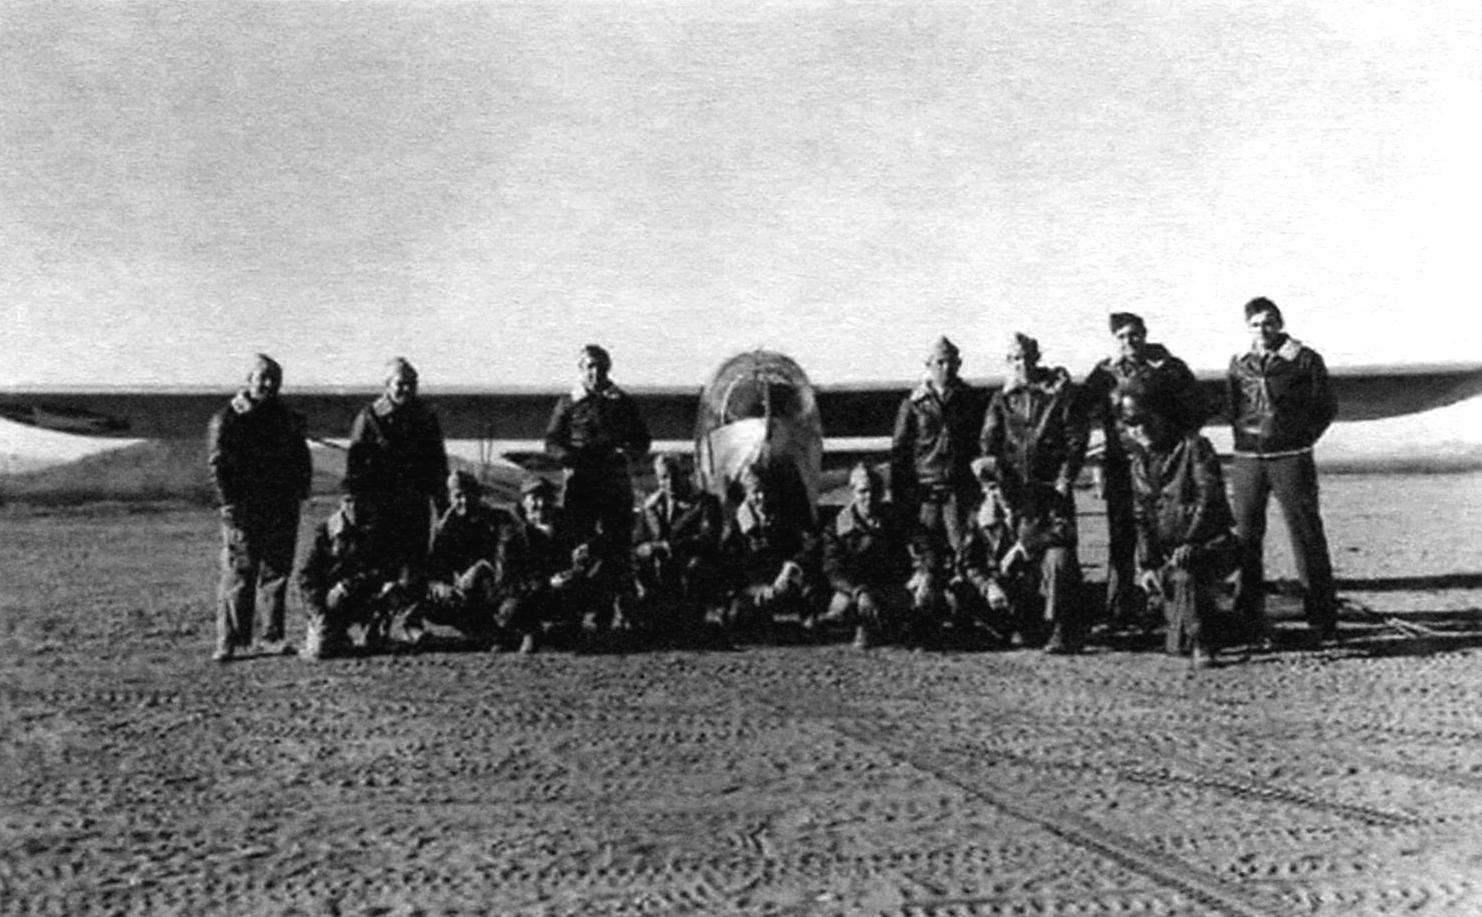 Группа курсантов перед планёром CG-3A, база Викенбург, Аризона